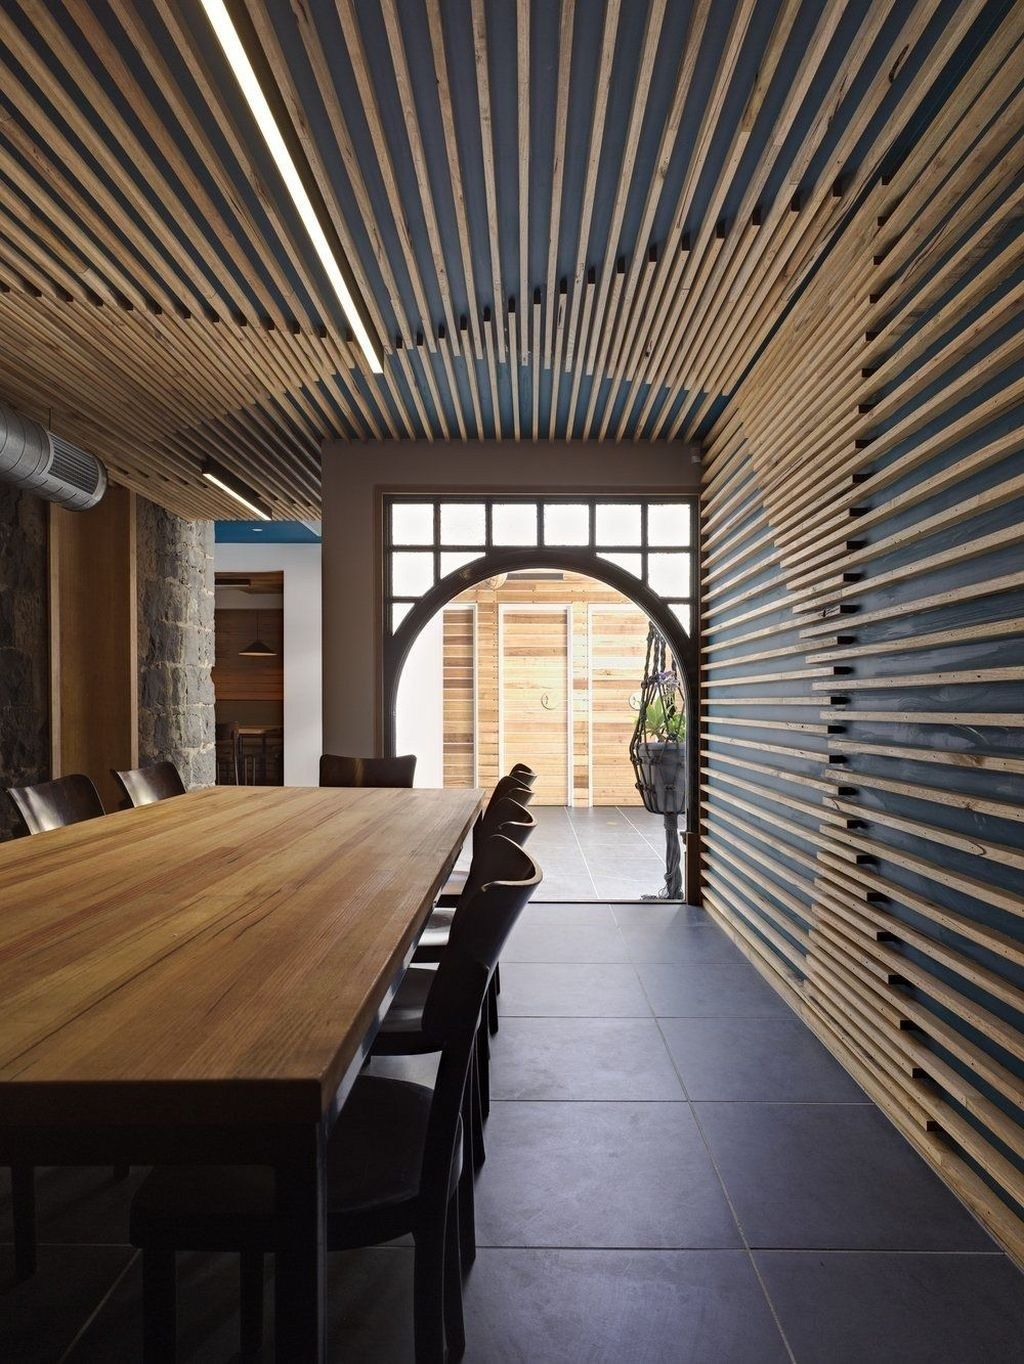 ديكورات خشب للسقف والجدران